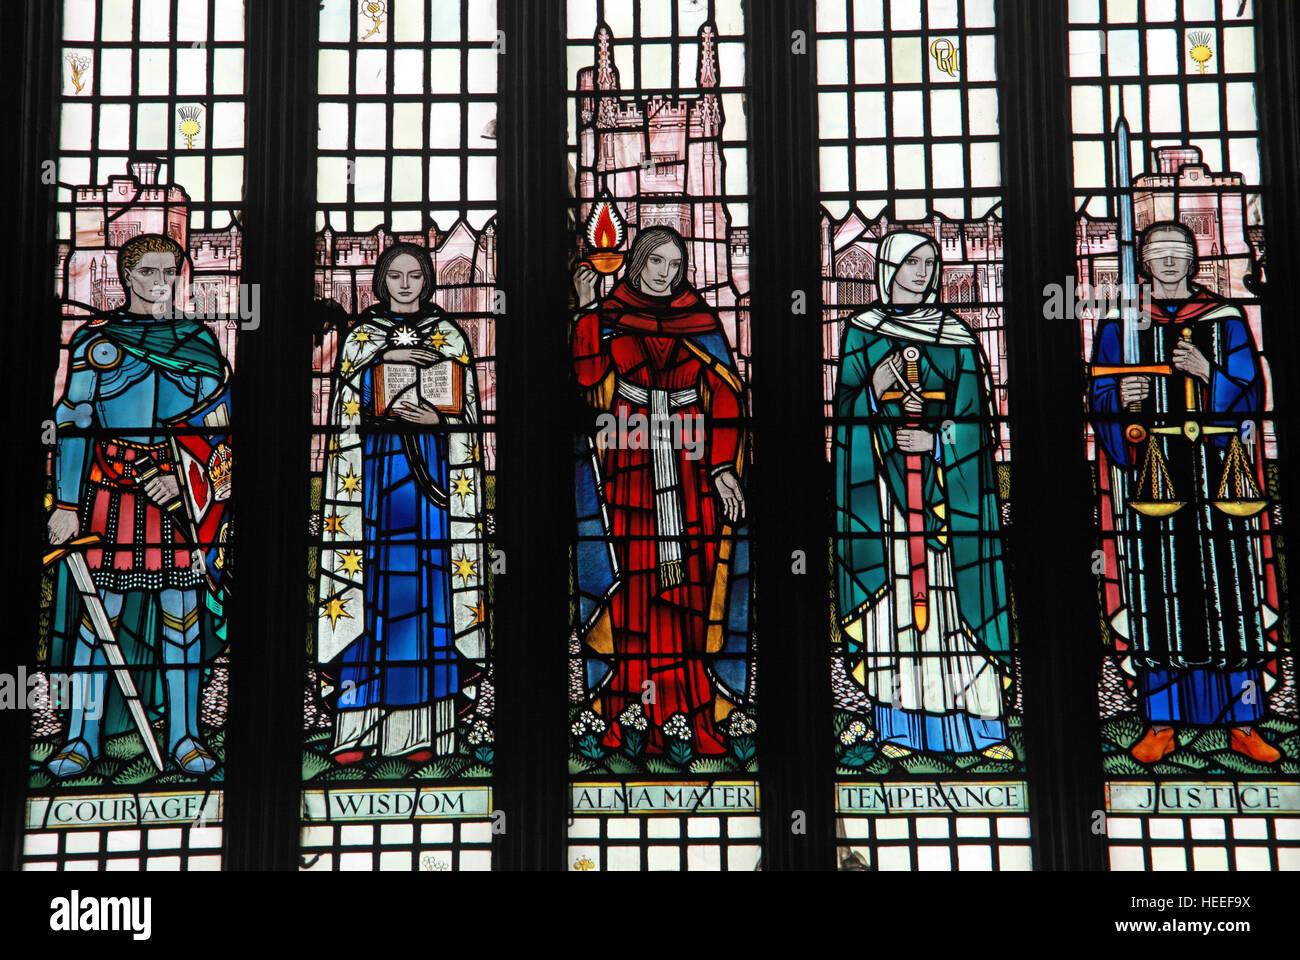 Laden Sie dieses Alamy Stockfoto Queens University Belfast Hallen Glasfenster, Nordirland, Vereinigtes Königreich - HEEF9X